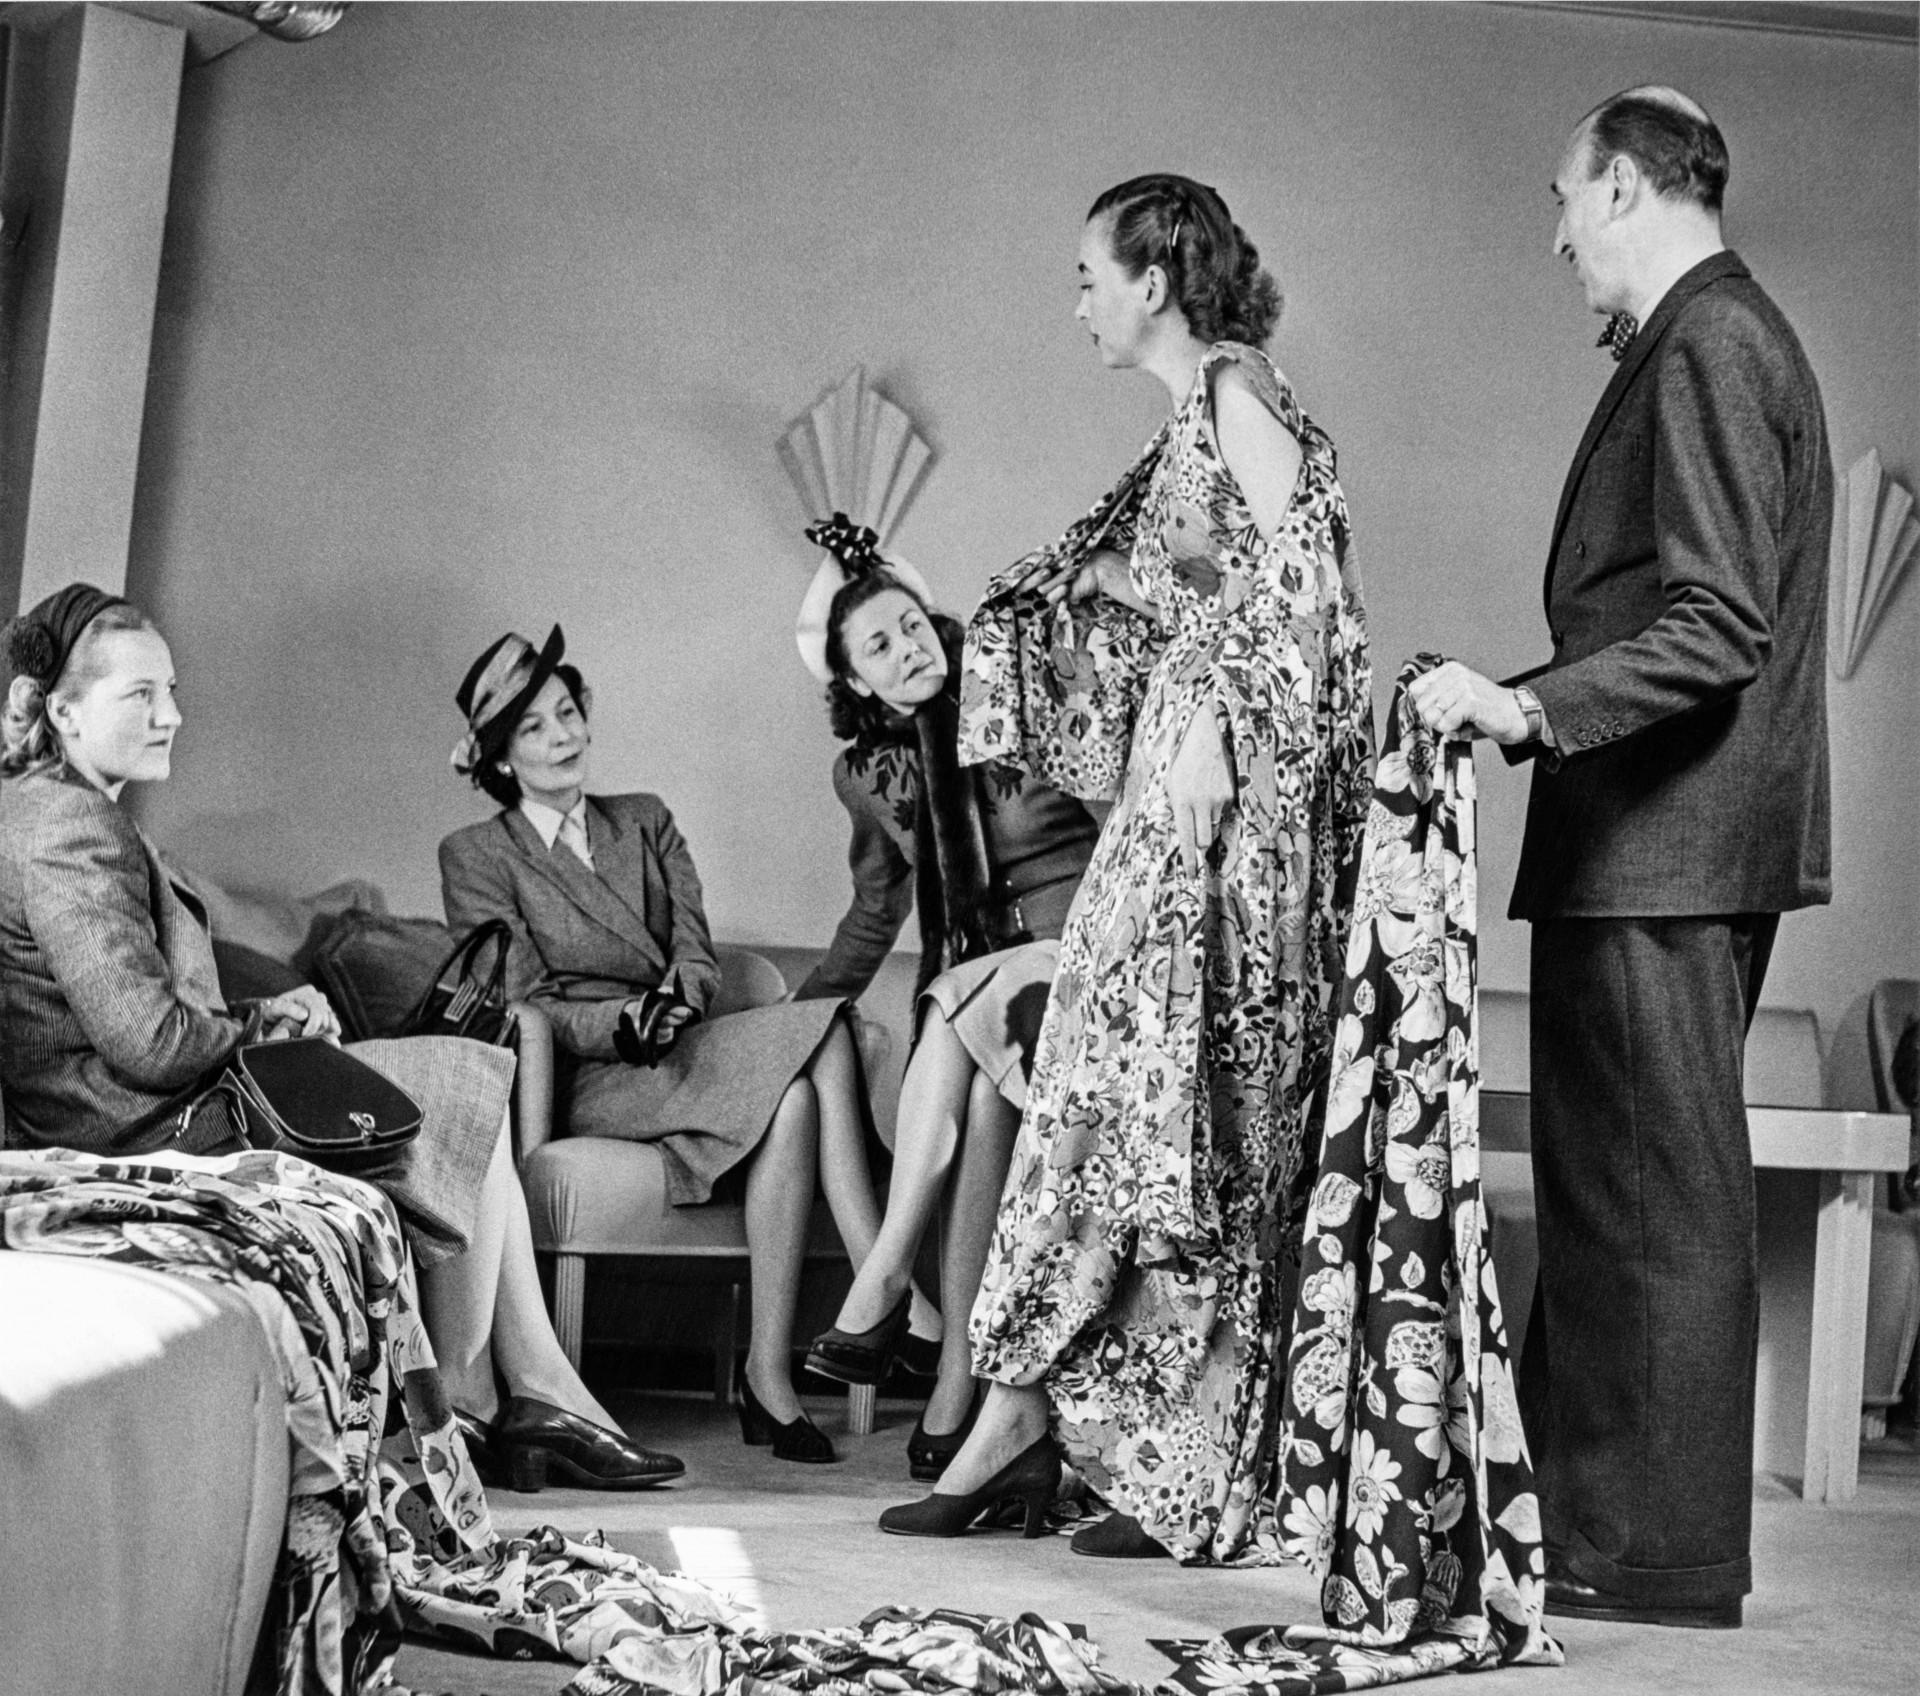 tre kunder en mannekäng och en designer tittar på tyger och klänning